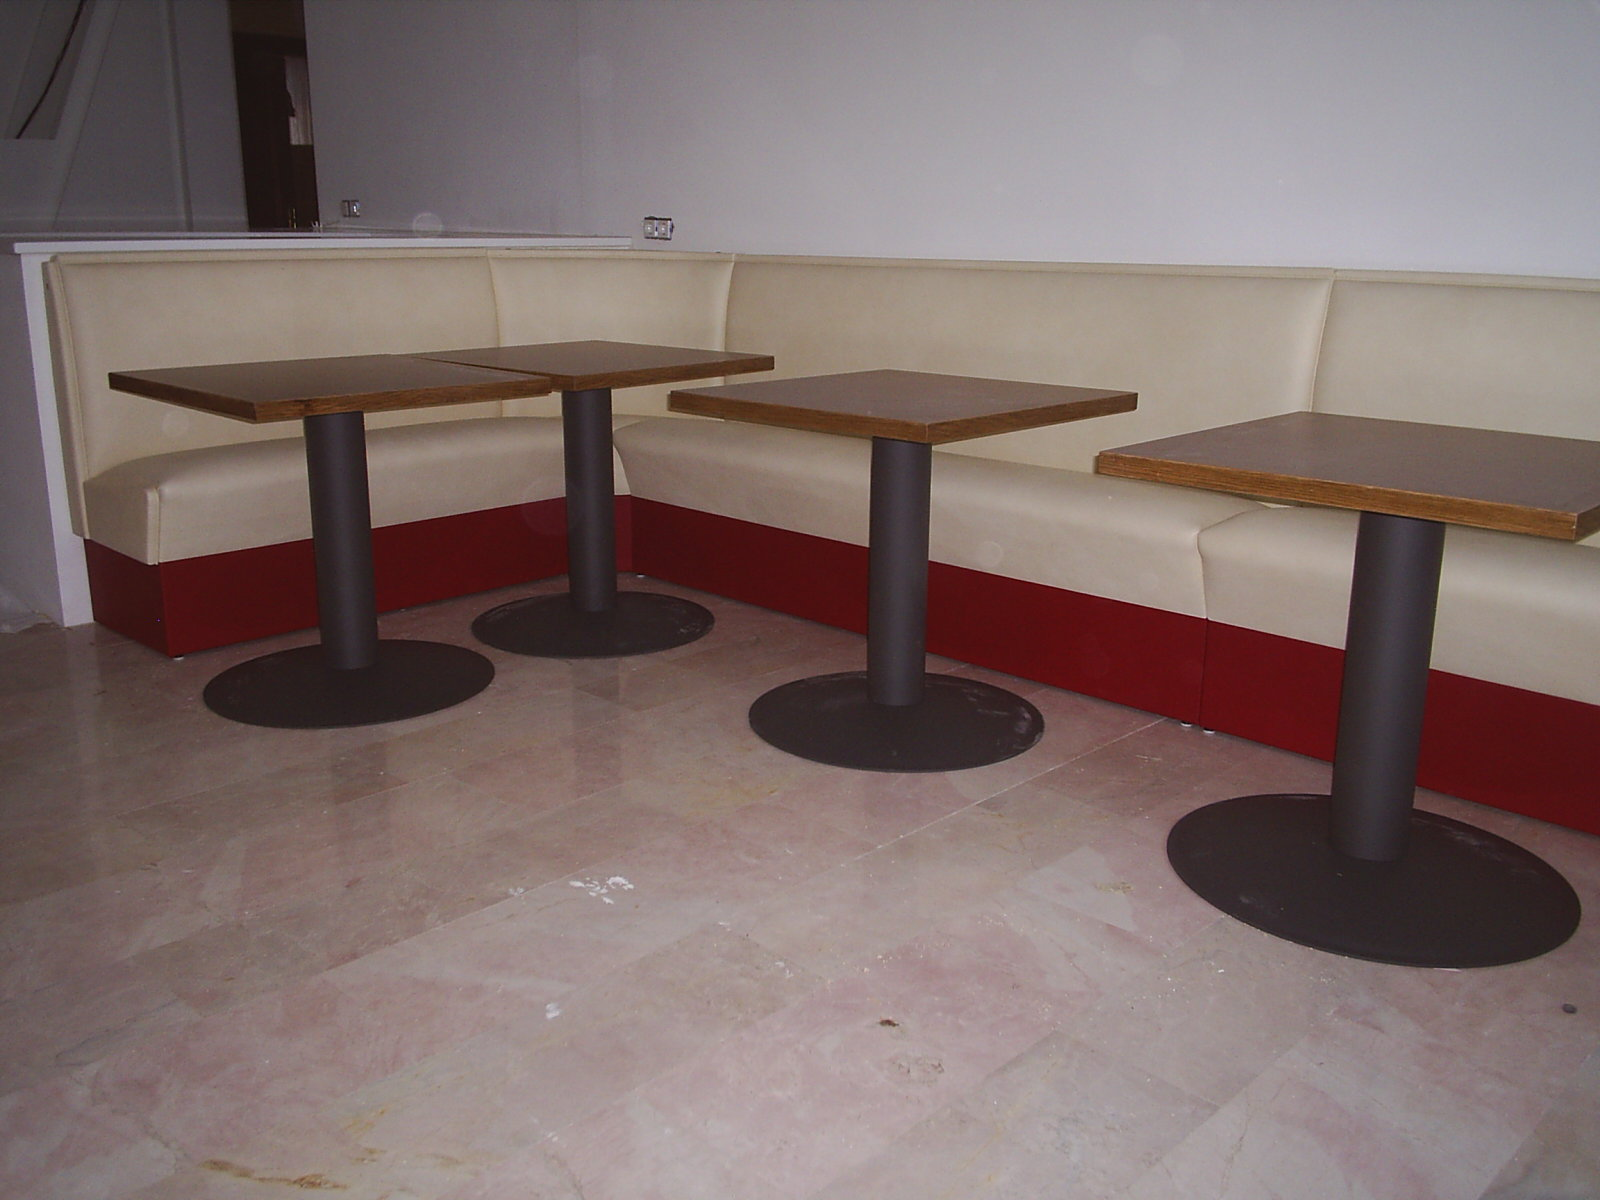 Keuken Hoekbank Op Maat : Eigen meubelfabriek, iedere eethoekbank wordt speciaal voor de klant